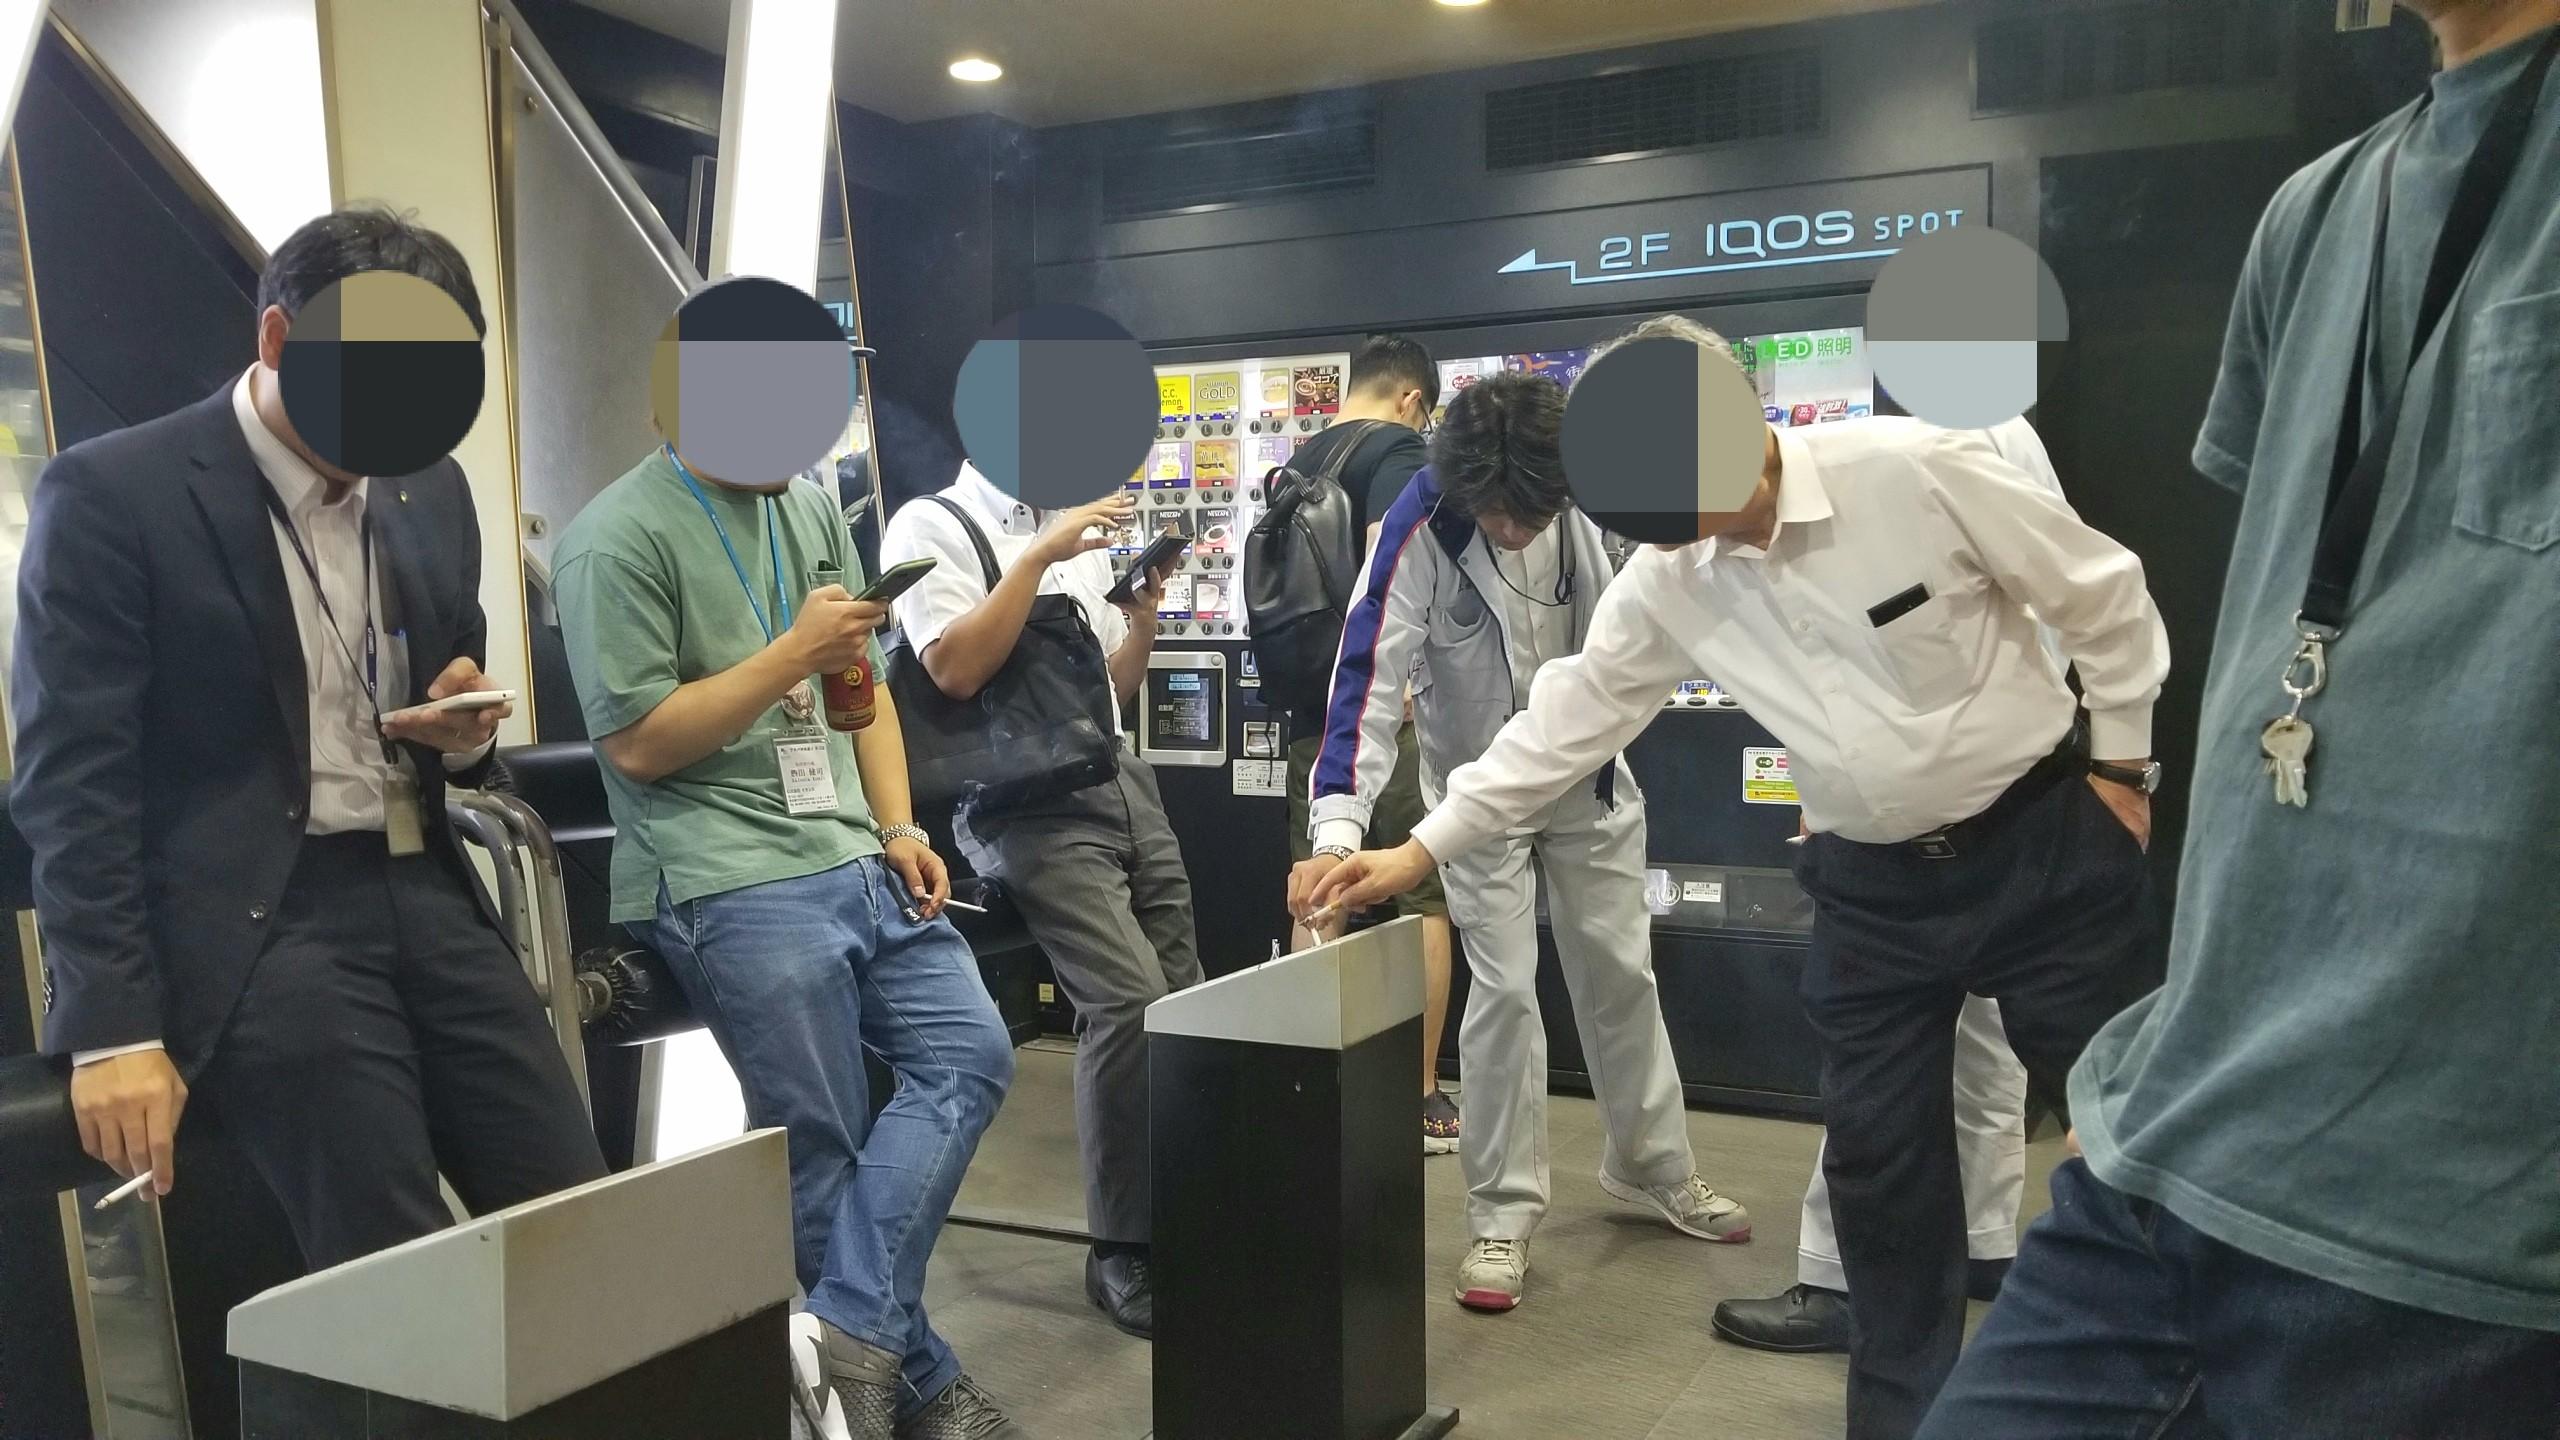 東京,都会の喫煙所,秋葉原,都会は禁煙場所ばかり,喫煙者は辛い